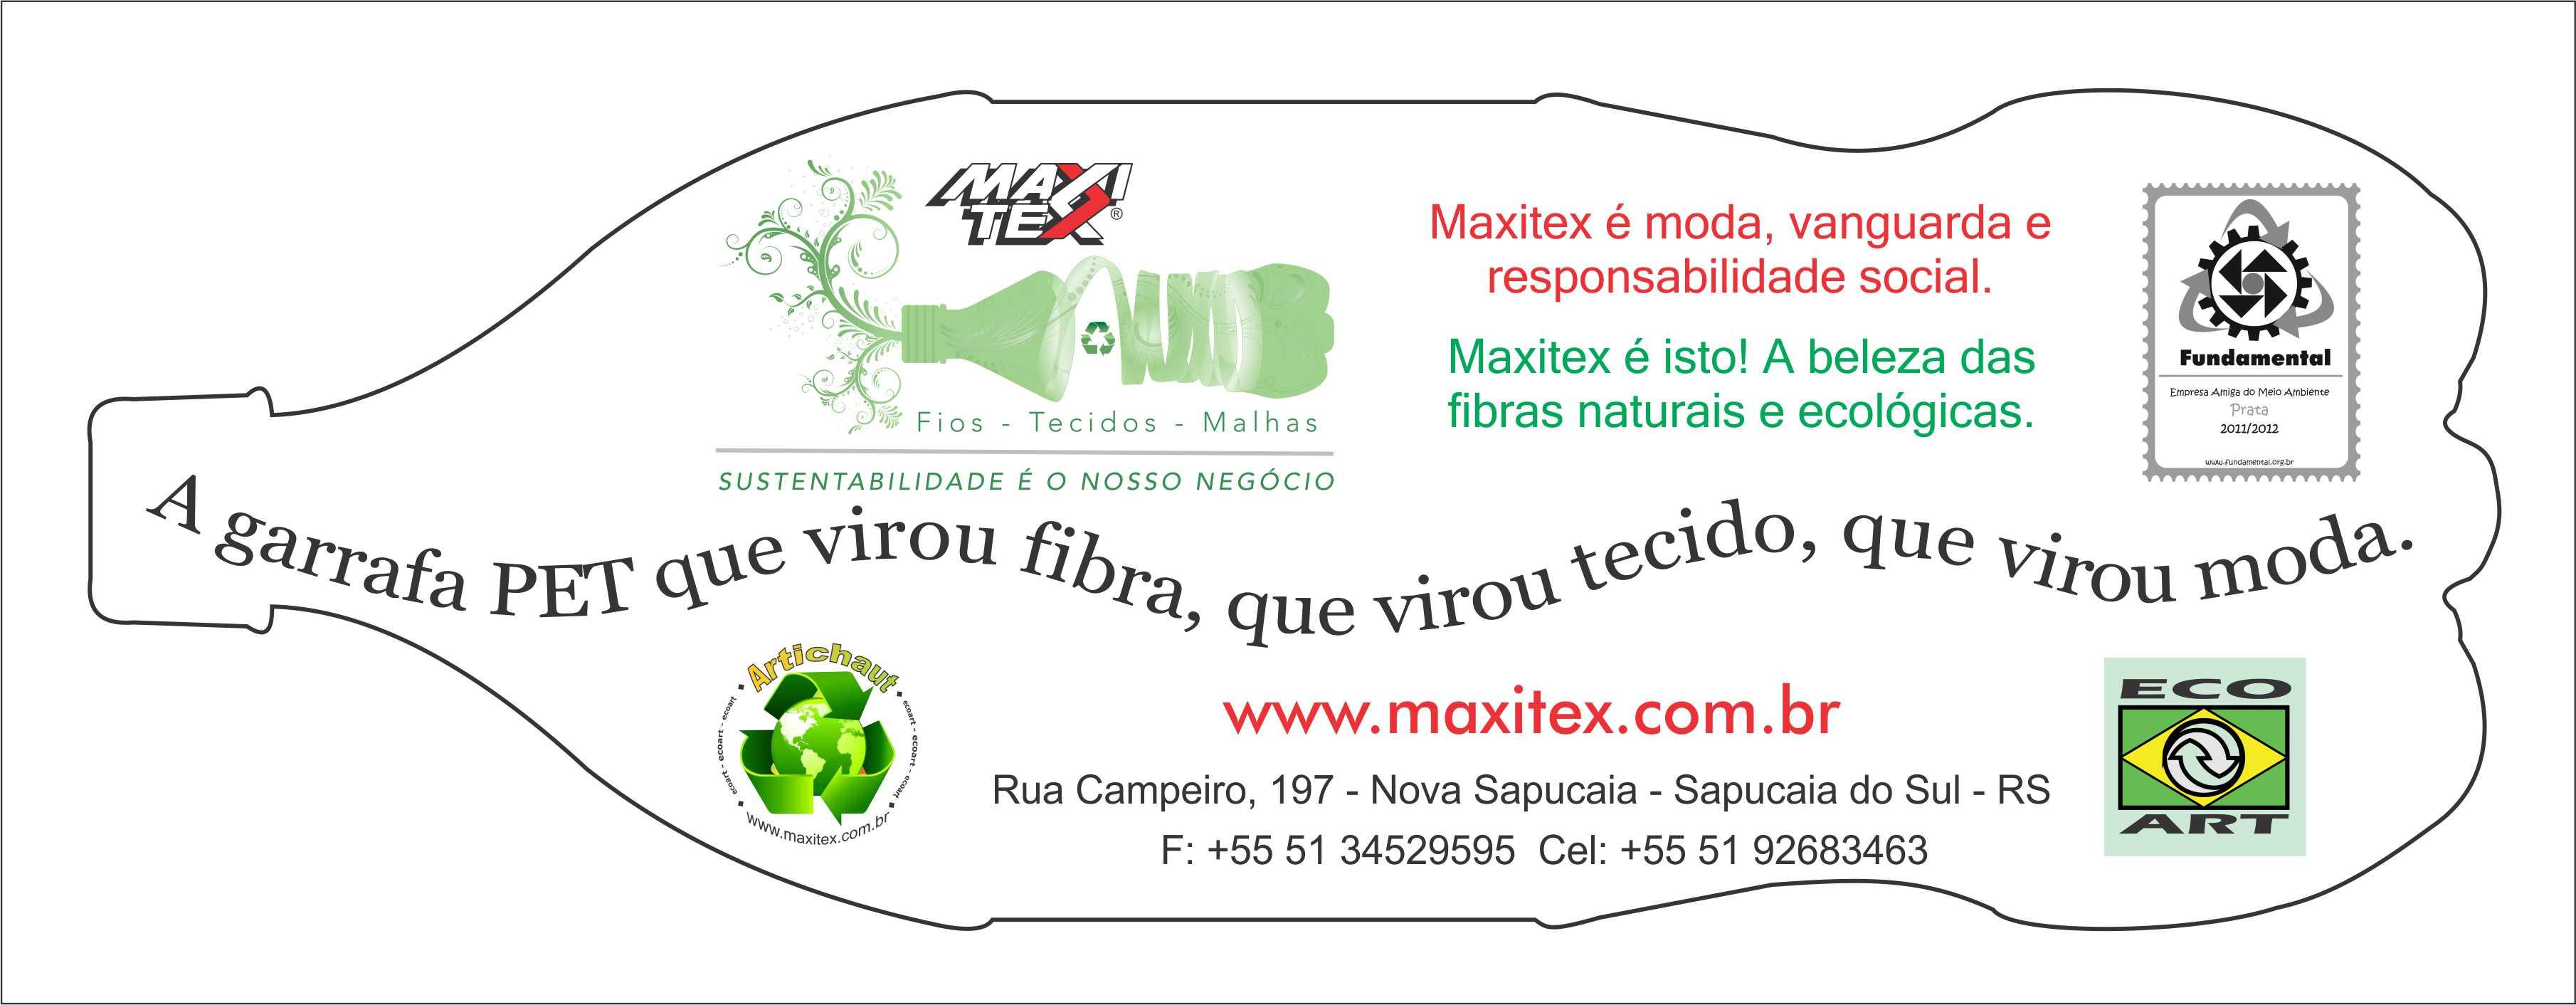 Folder garrafa Maxitex para feira Inspiramais